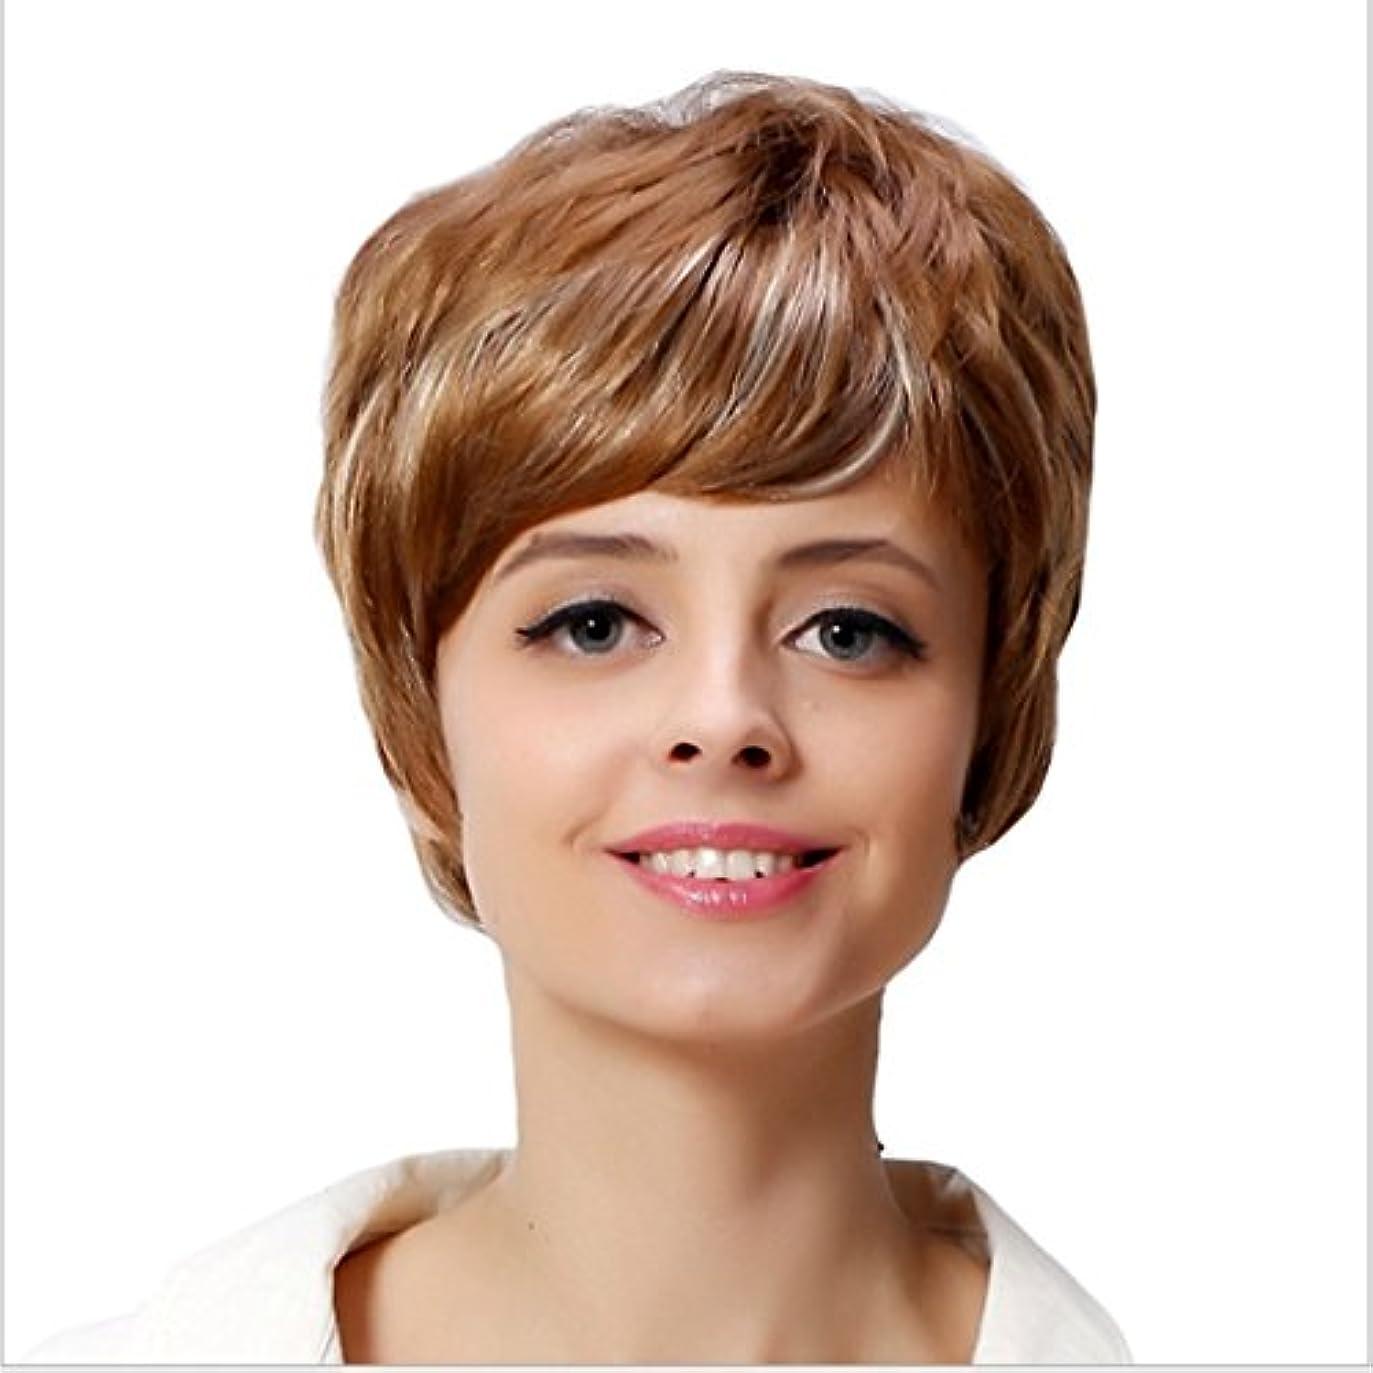 恐ろしい最小化するリダクターYOUQIU ホワイト女性のためのフラット前髪毛180グラムかつらを持つ女性カーリー耐熱ウィッグのために10インチ/ 12インチショートウェーブゴールドウィッグ (サイズ : 10inch)